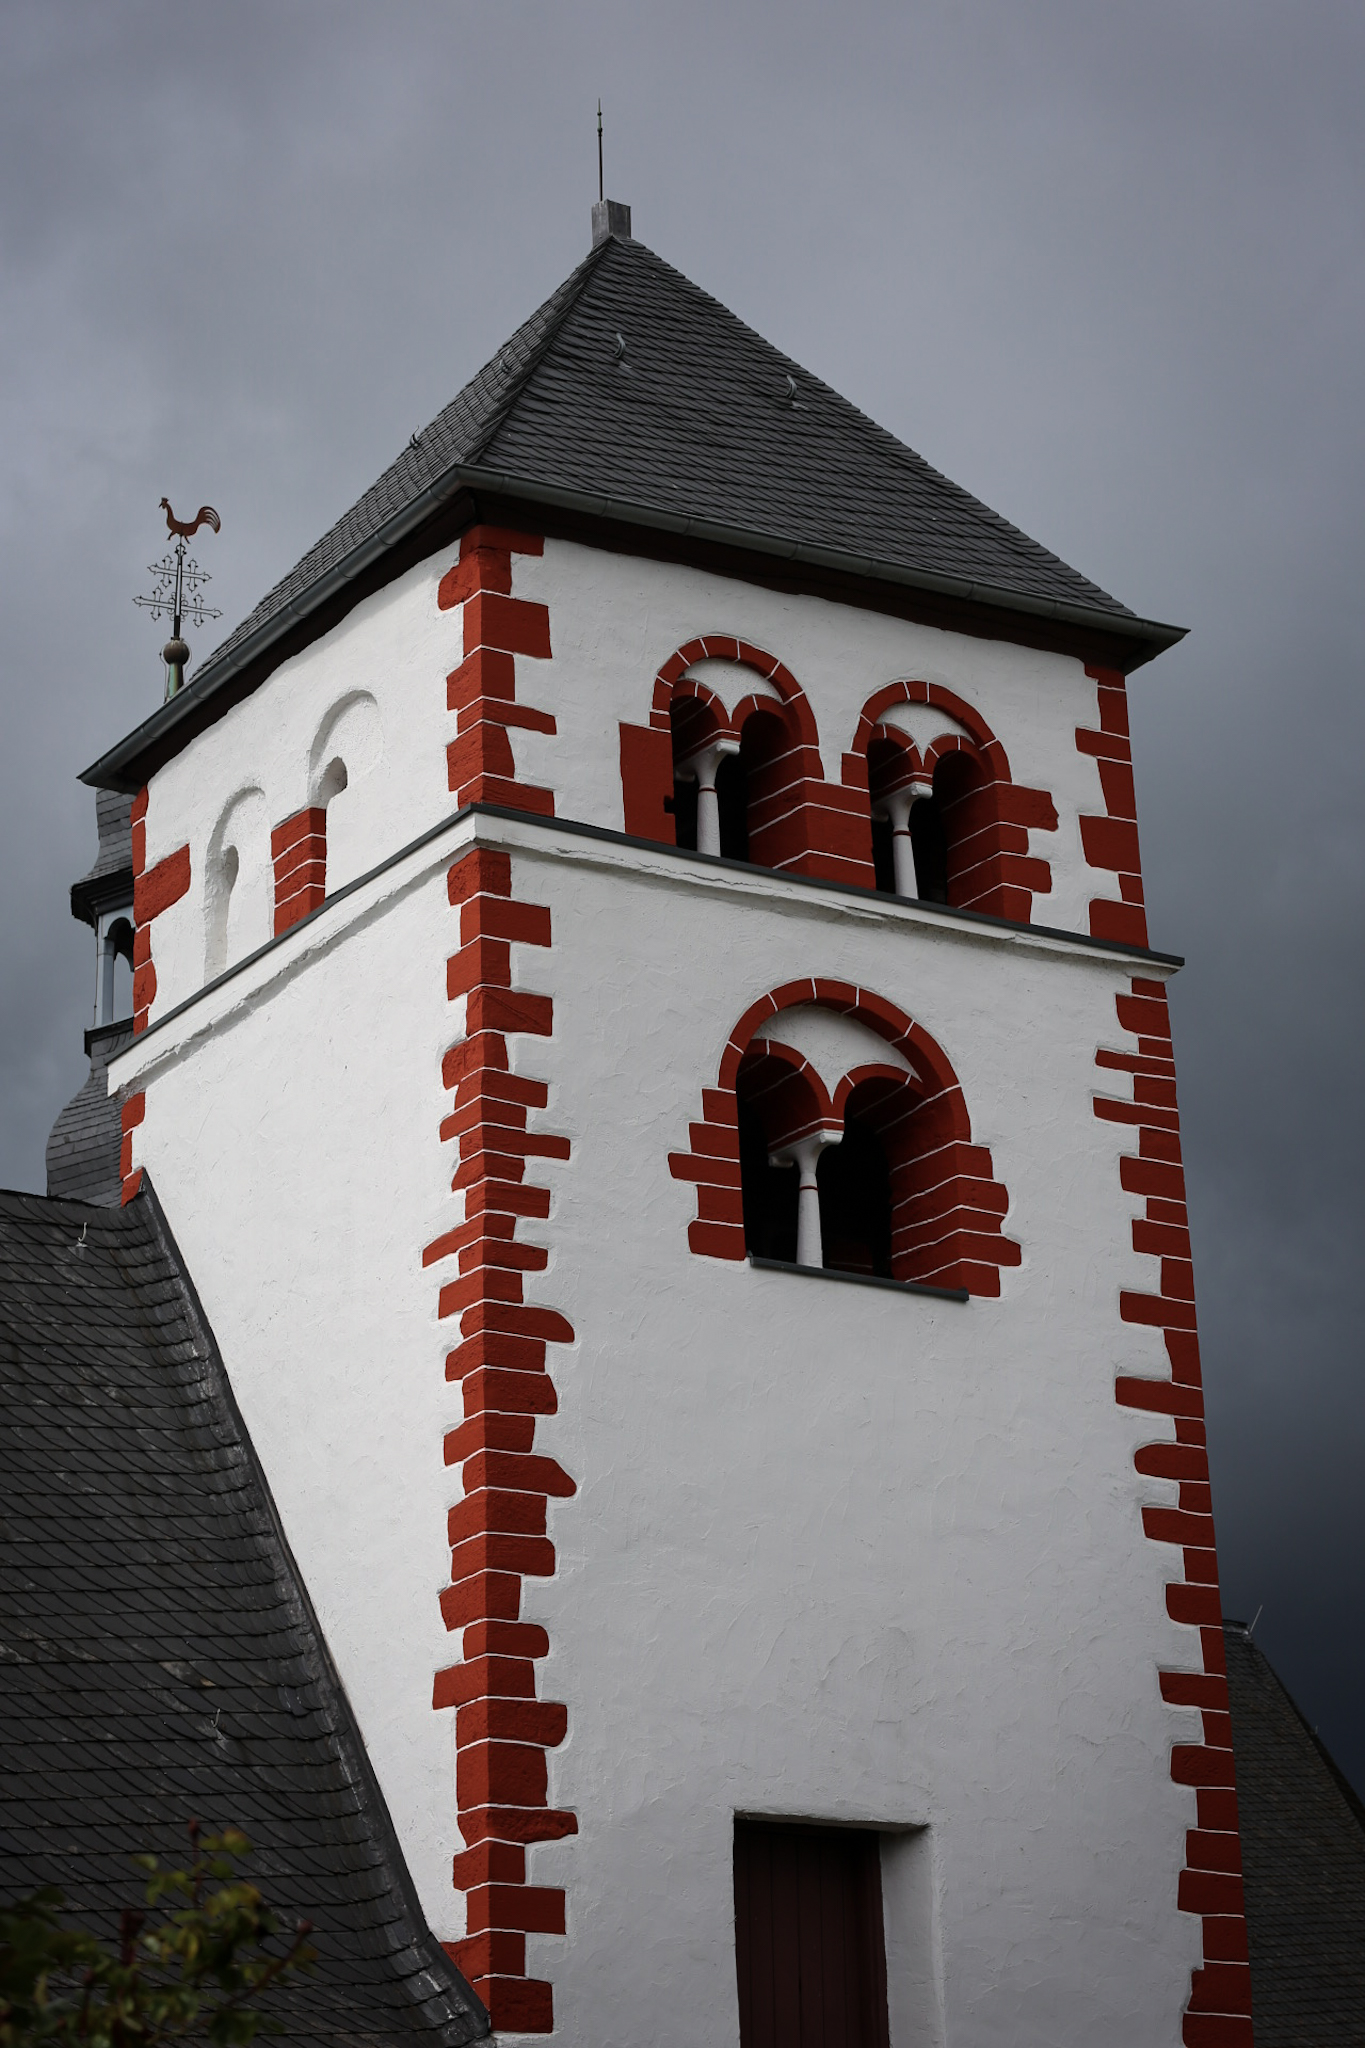 Wein Tradition und Innovation - Weingut Klosterhof Brauneberg Mosel Weingut Weingüter Riesling Moselle Vine Vinyard Germany Spätburgunder Pfalz Bernkastel-Kues Weinguts